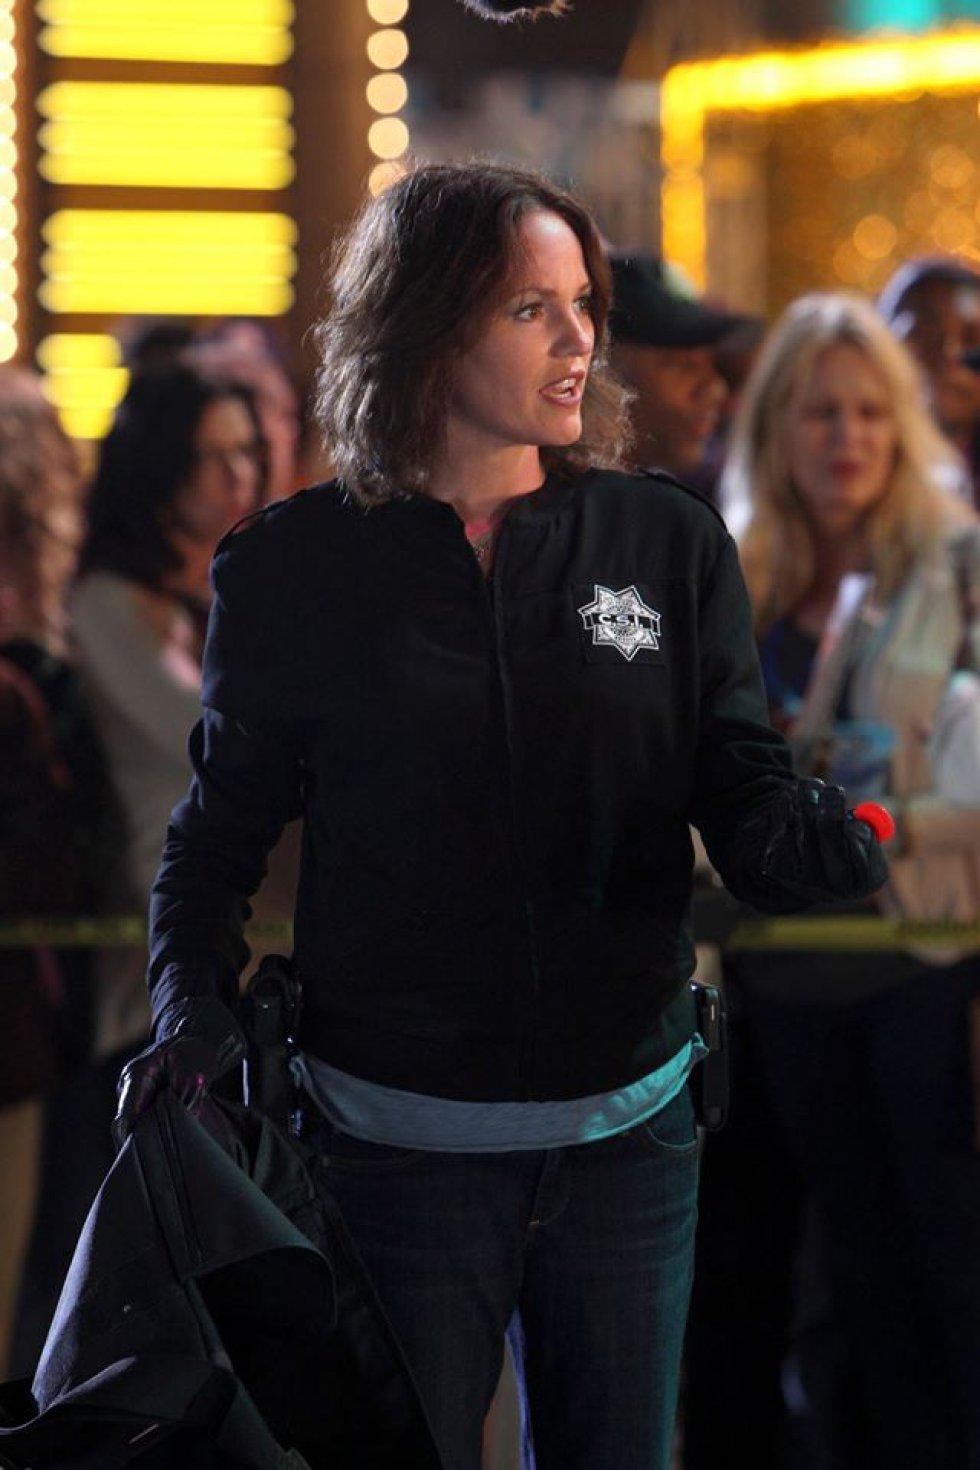 Tal fue el éxito de CSI que la serie fue emitida por más de 16 años en diferentes partes del mundo.